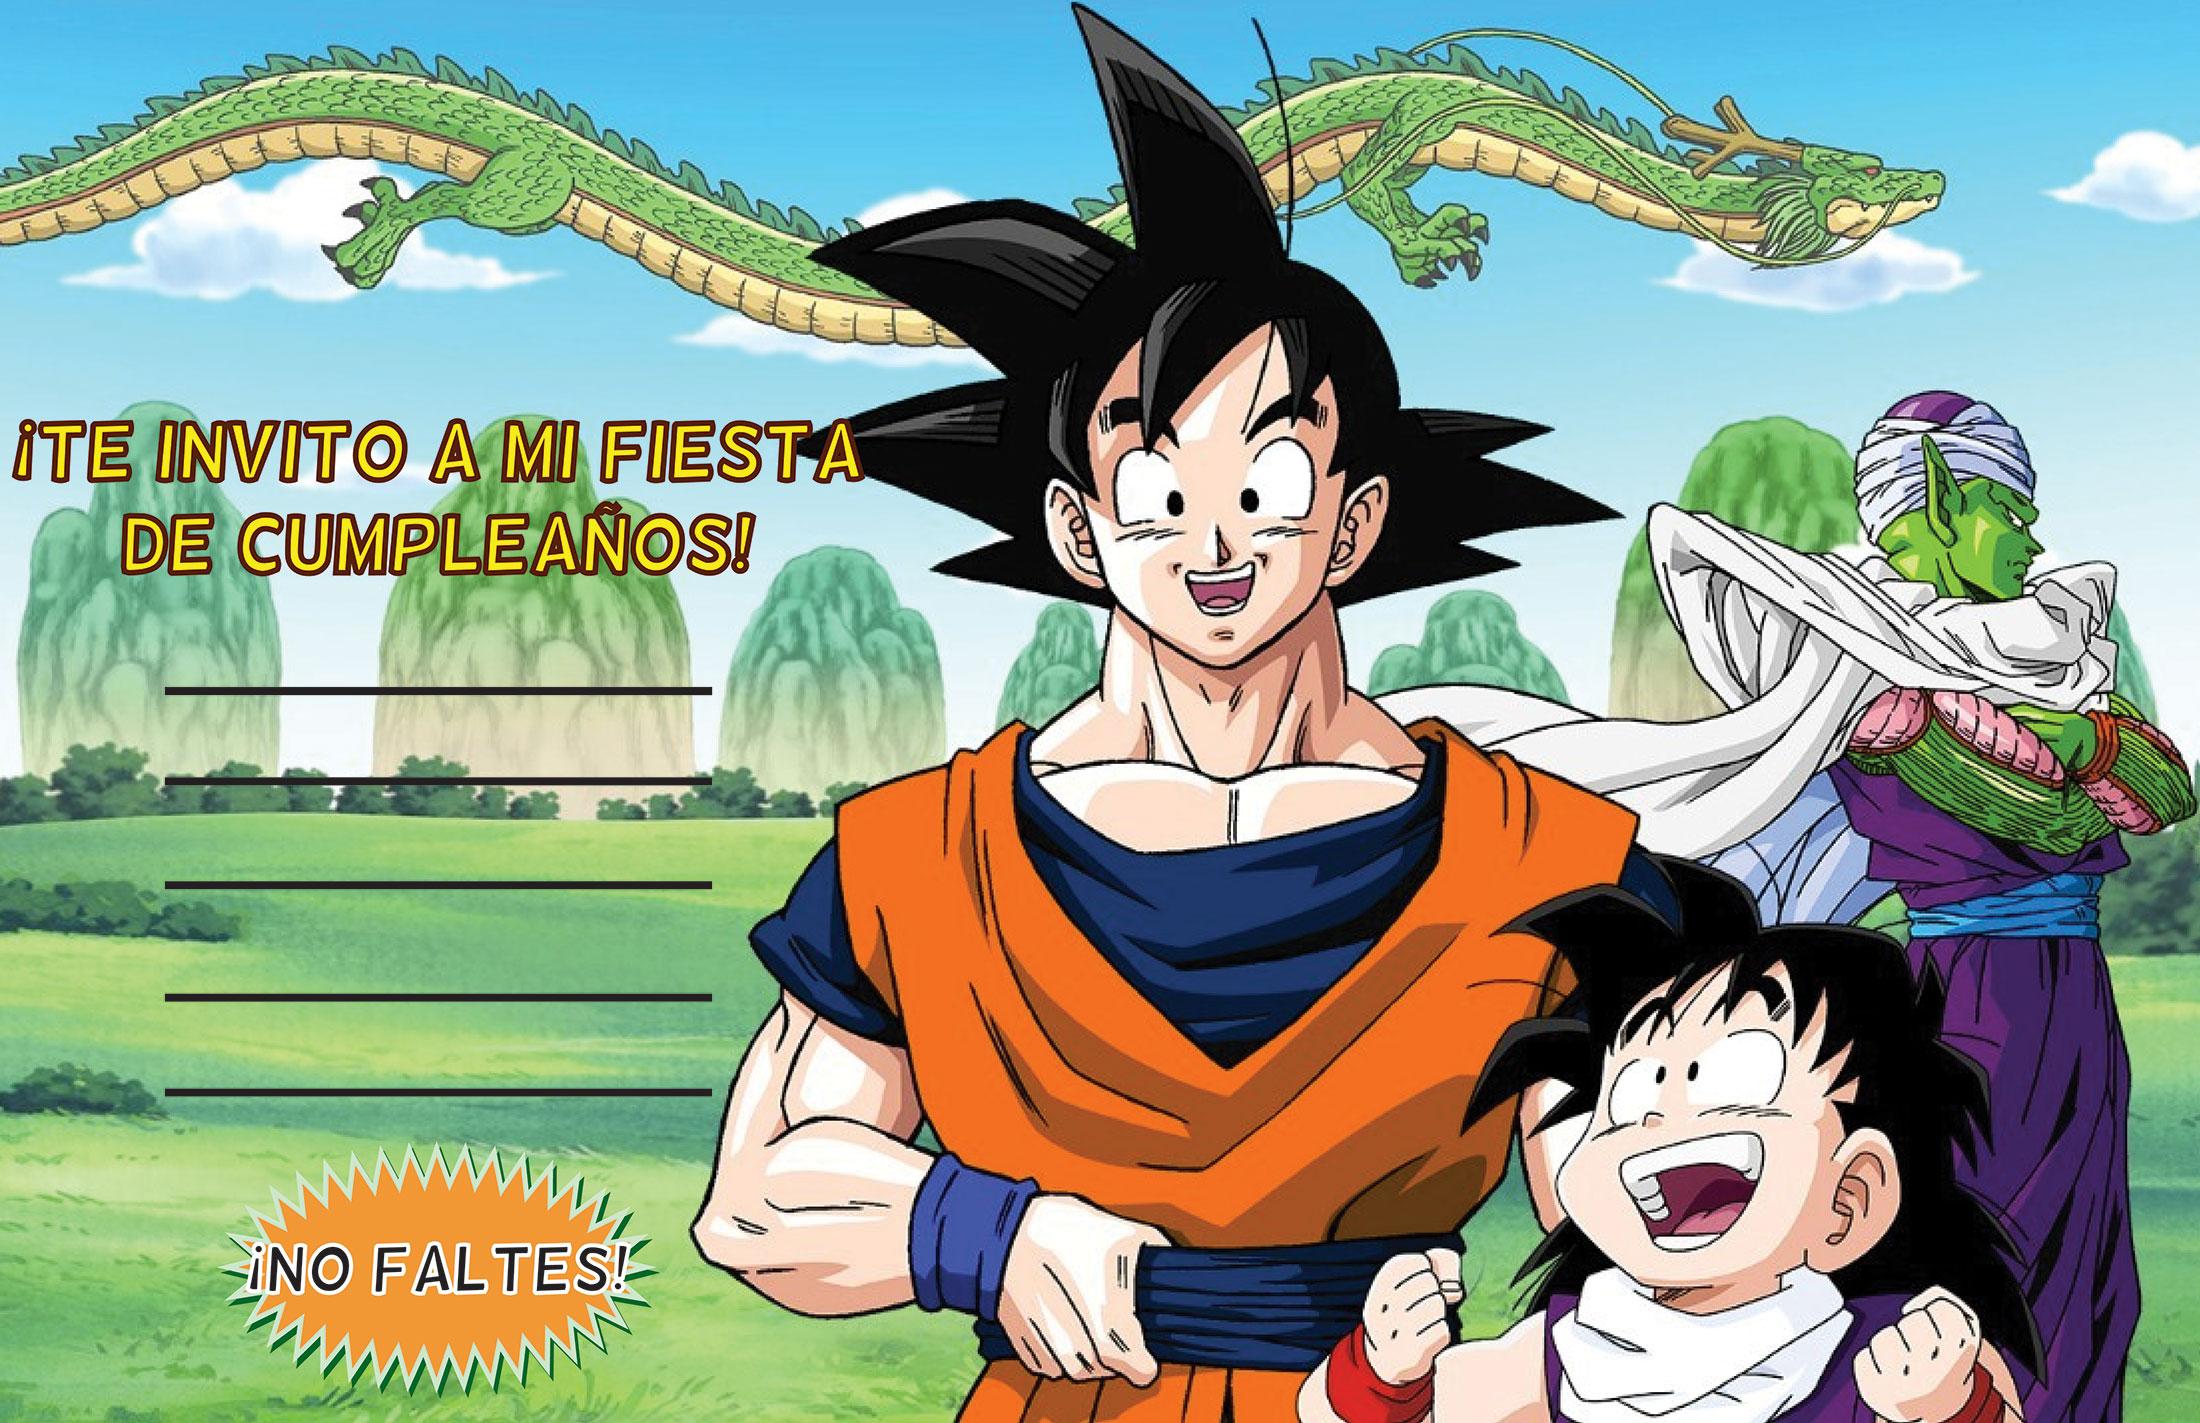 Un cumple de Dragon Ball Z ¡Kame Hame Ha! | Tips de Madre®